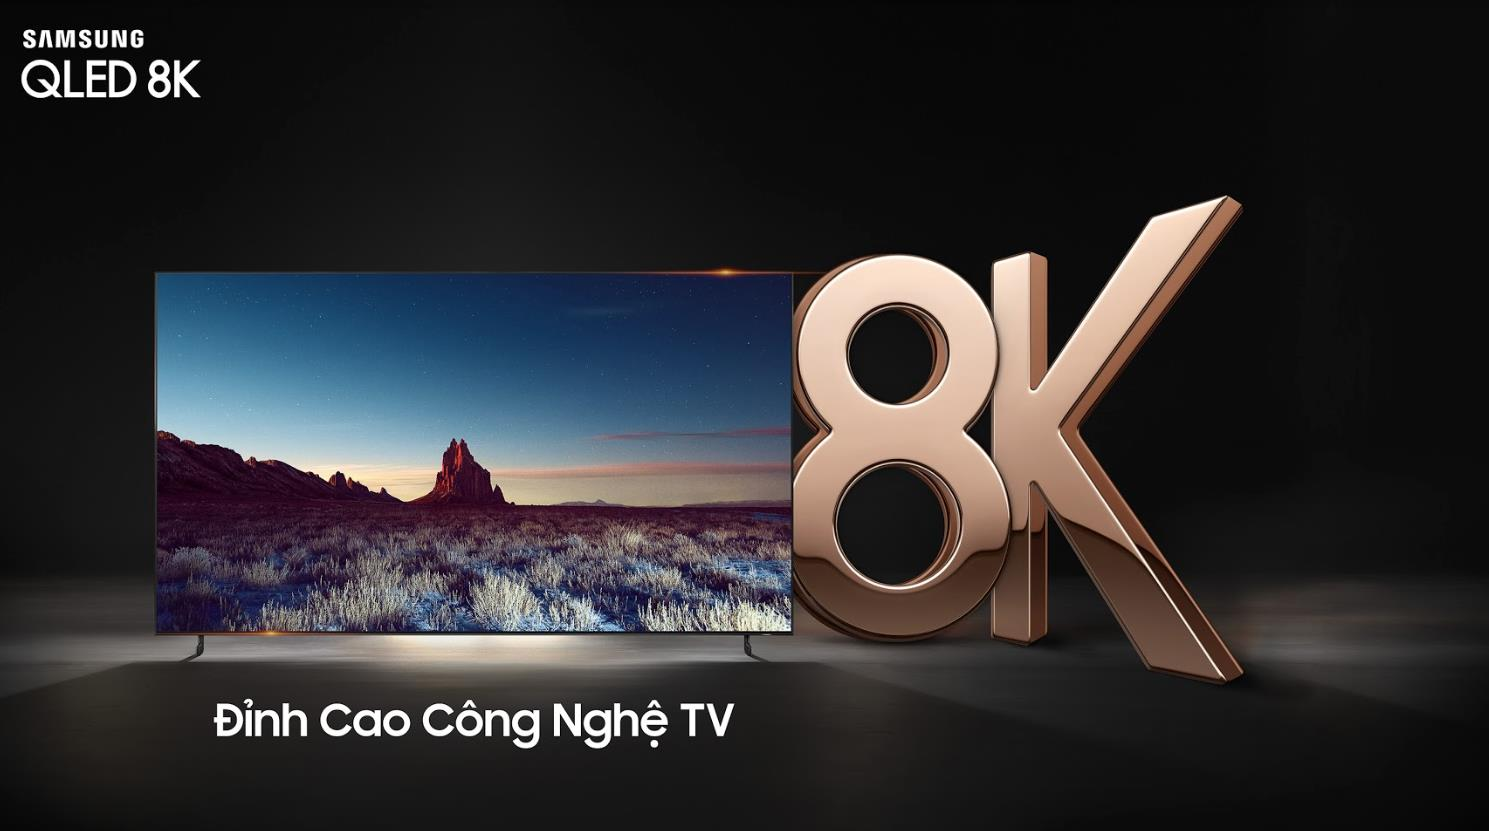 sản xuất tv - img20190327145624441 - Các nhà sản xuất TV đều dùng AI, nhưng sự khác nhau giữa họ là gì?